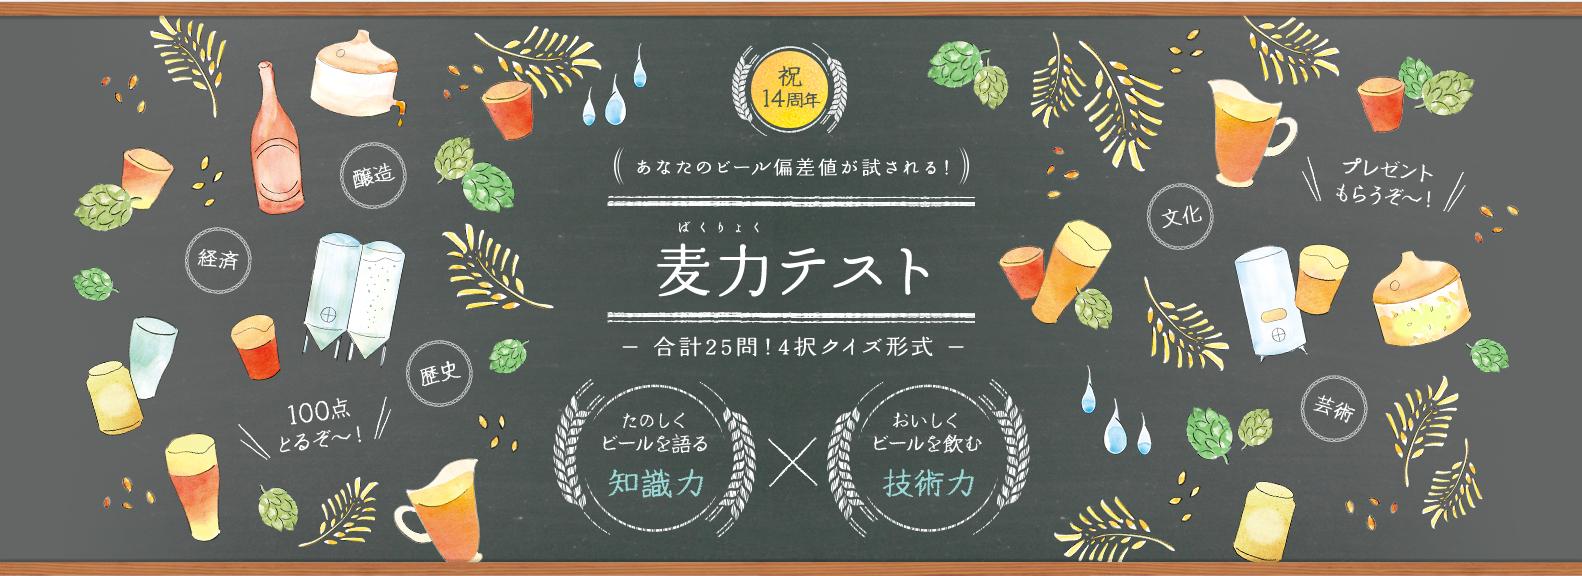 キリンの麦力テストでキリン一番搾り生ビール350ml缶6本とオジナルビアコースターが抽選で100名に当たる。~9/23。